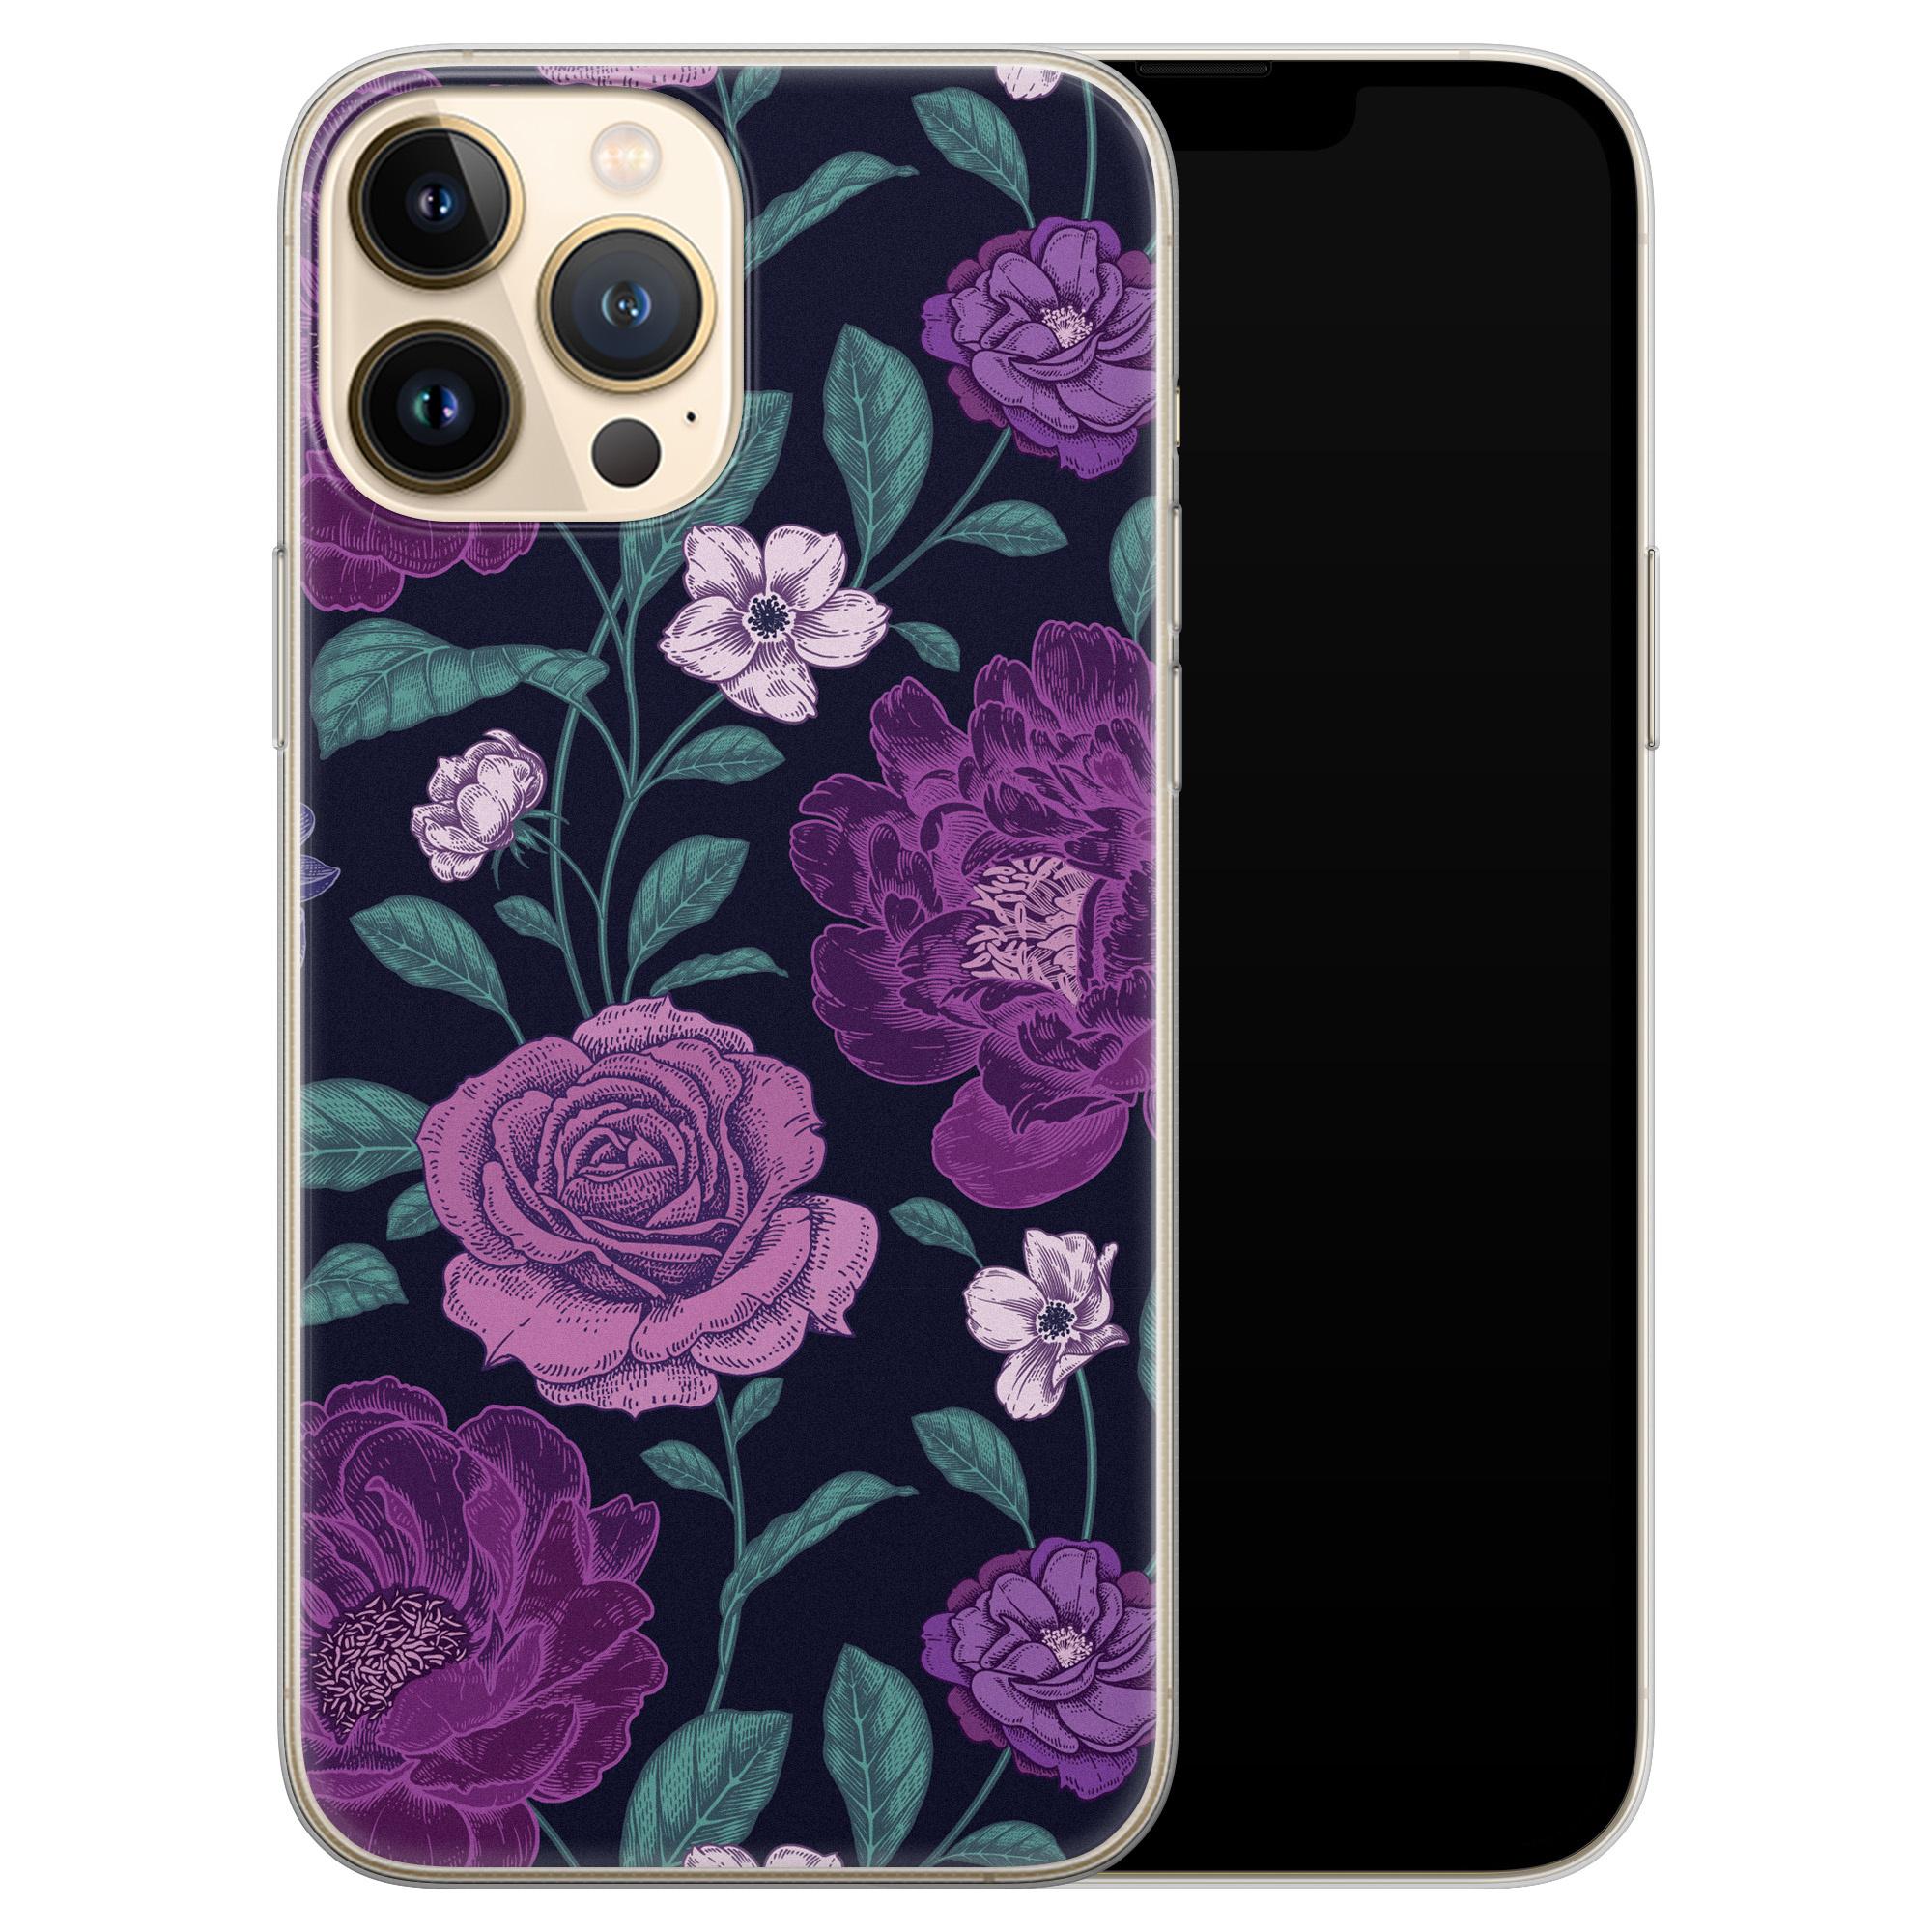 Leuke Telefoonhoesjes iPhone 13 Pro Max siliconen hoesje - Bloemen paars